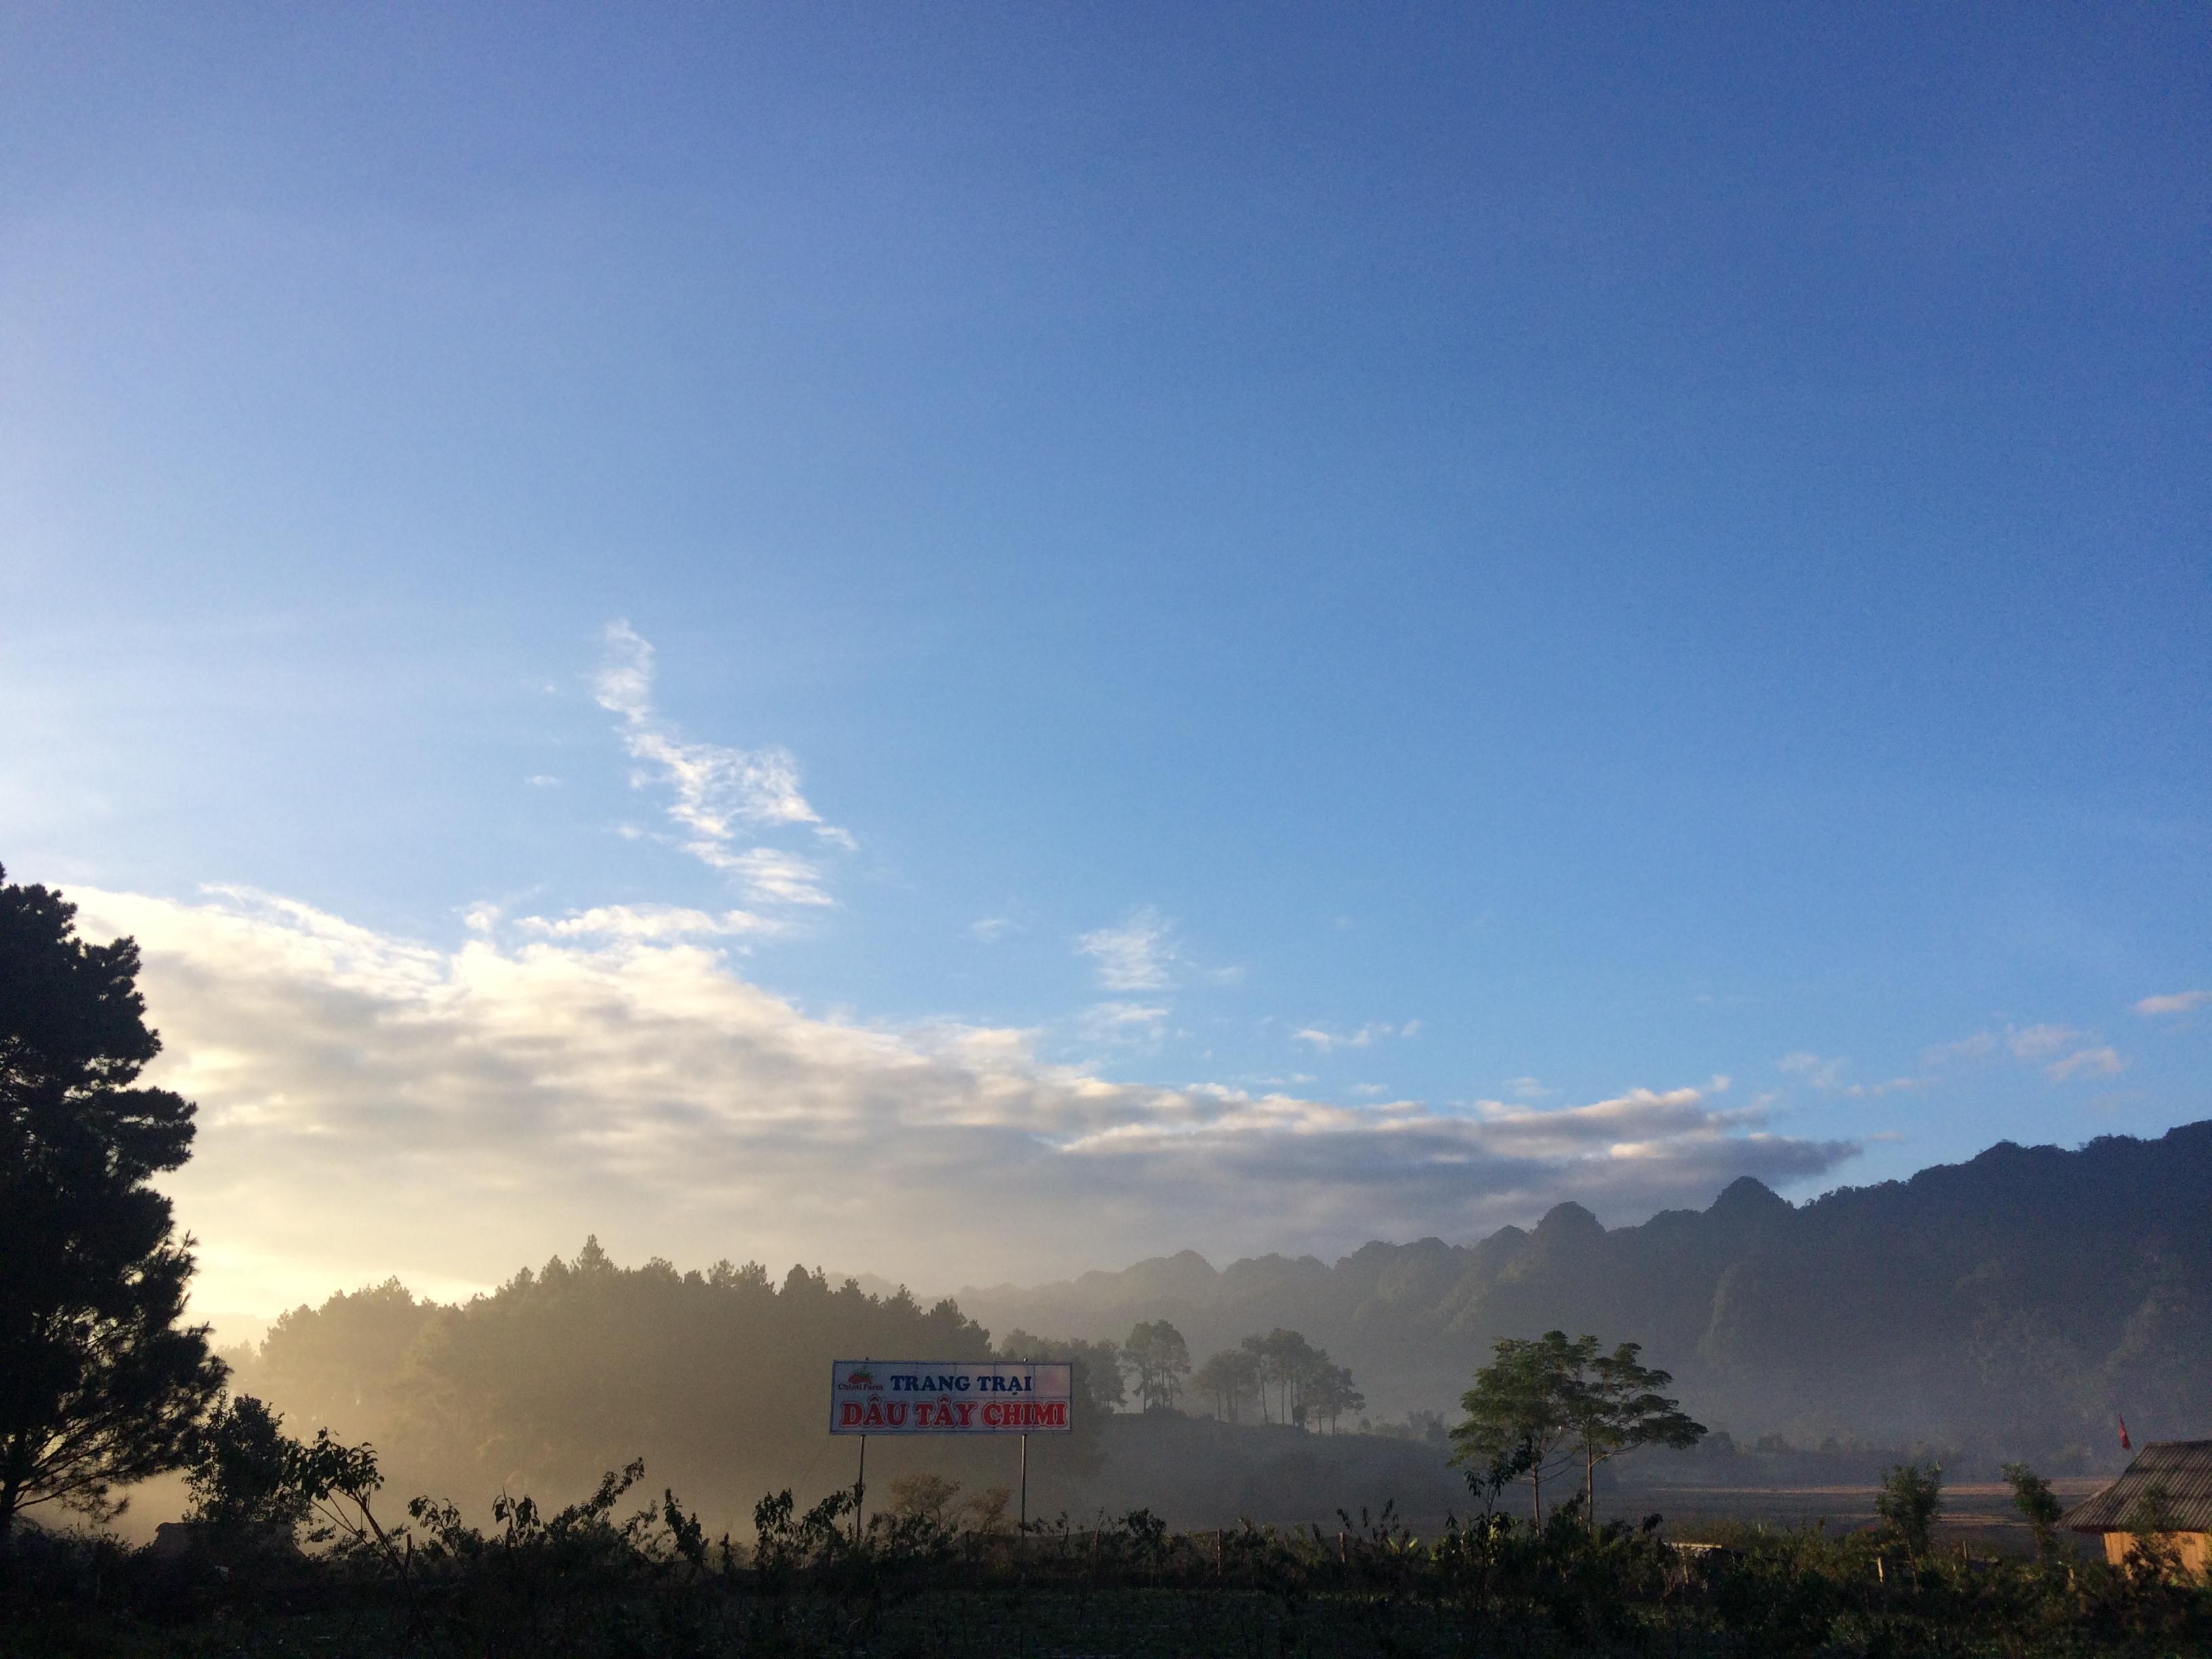 Trang trại dâu tây Chimi nằm ở cuối rừng thông Bản Áng